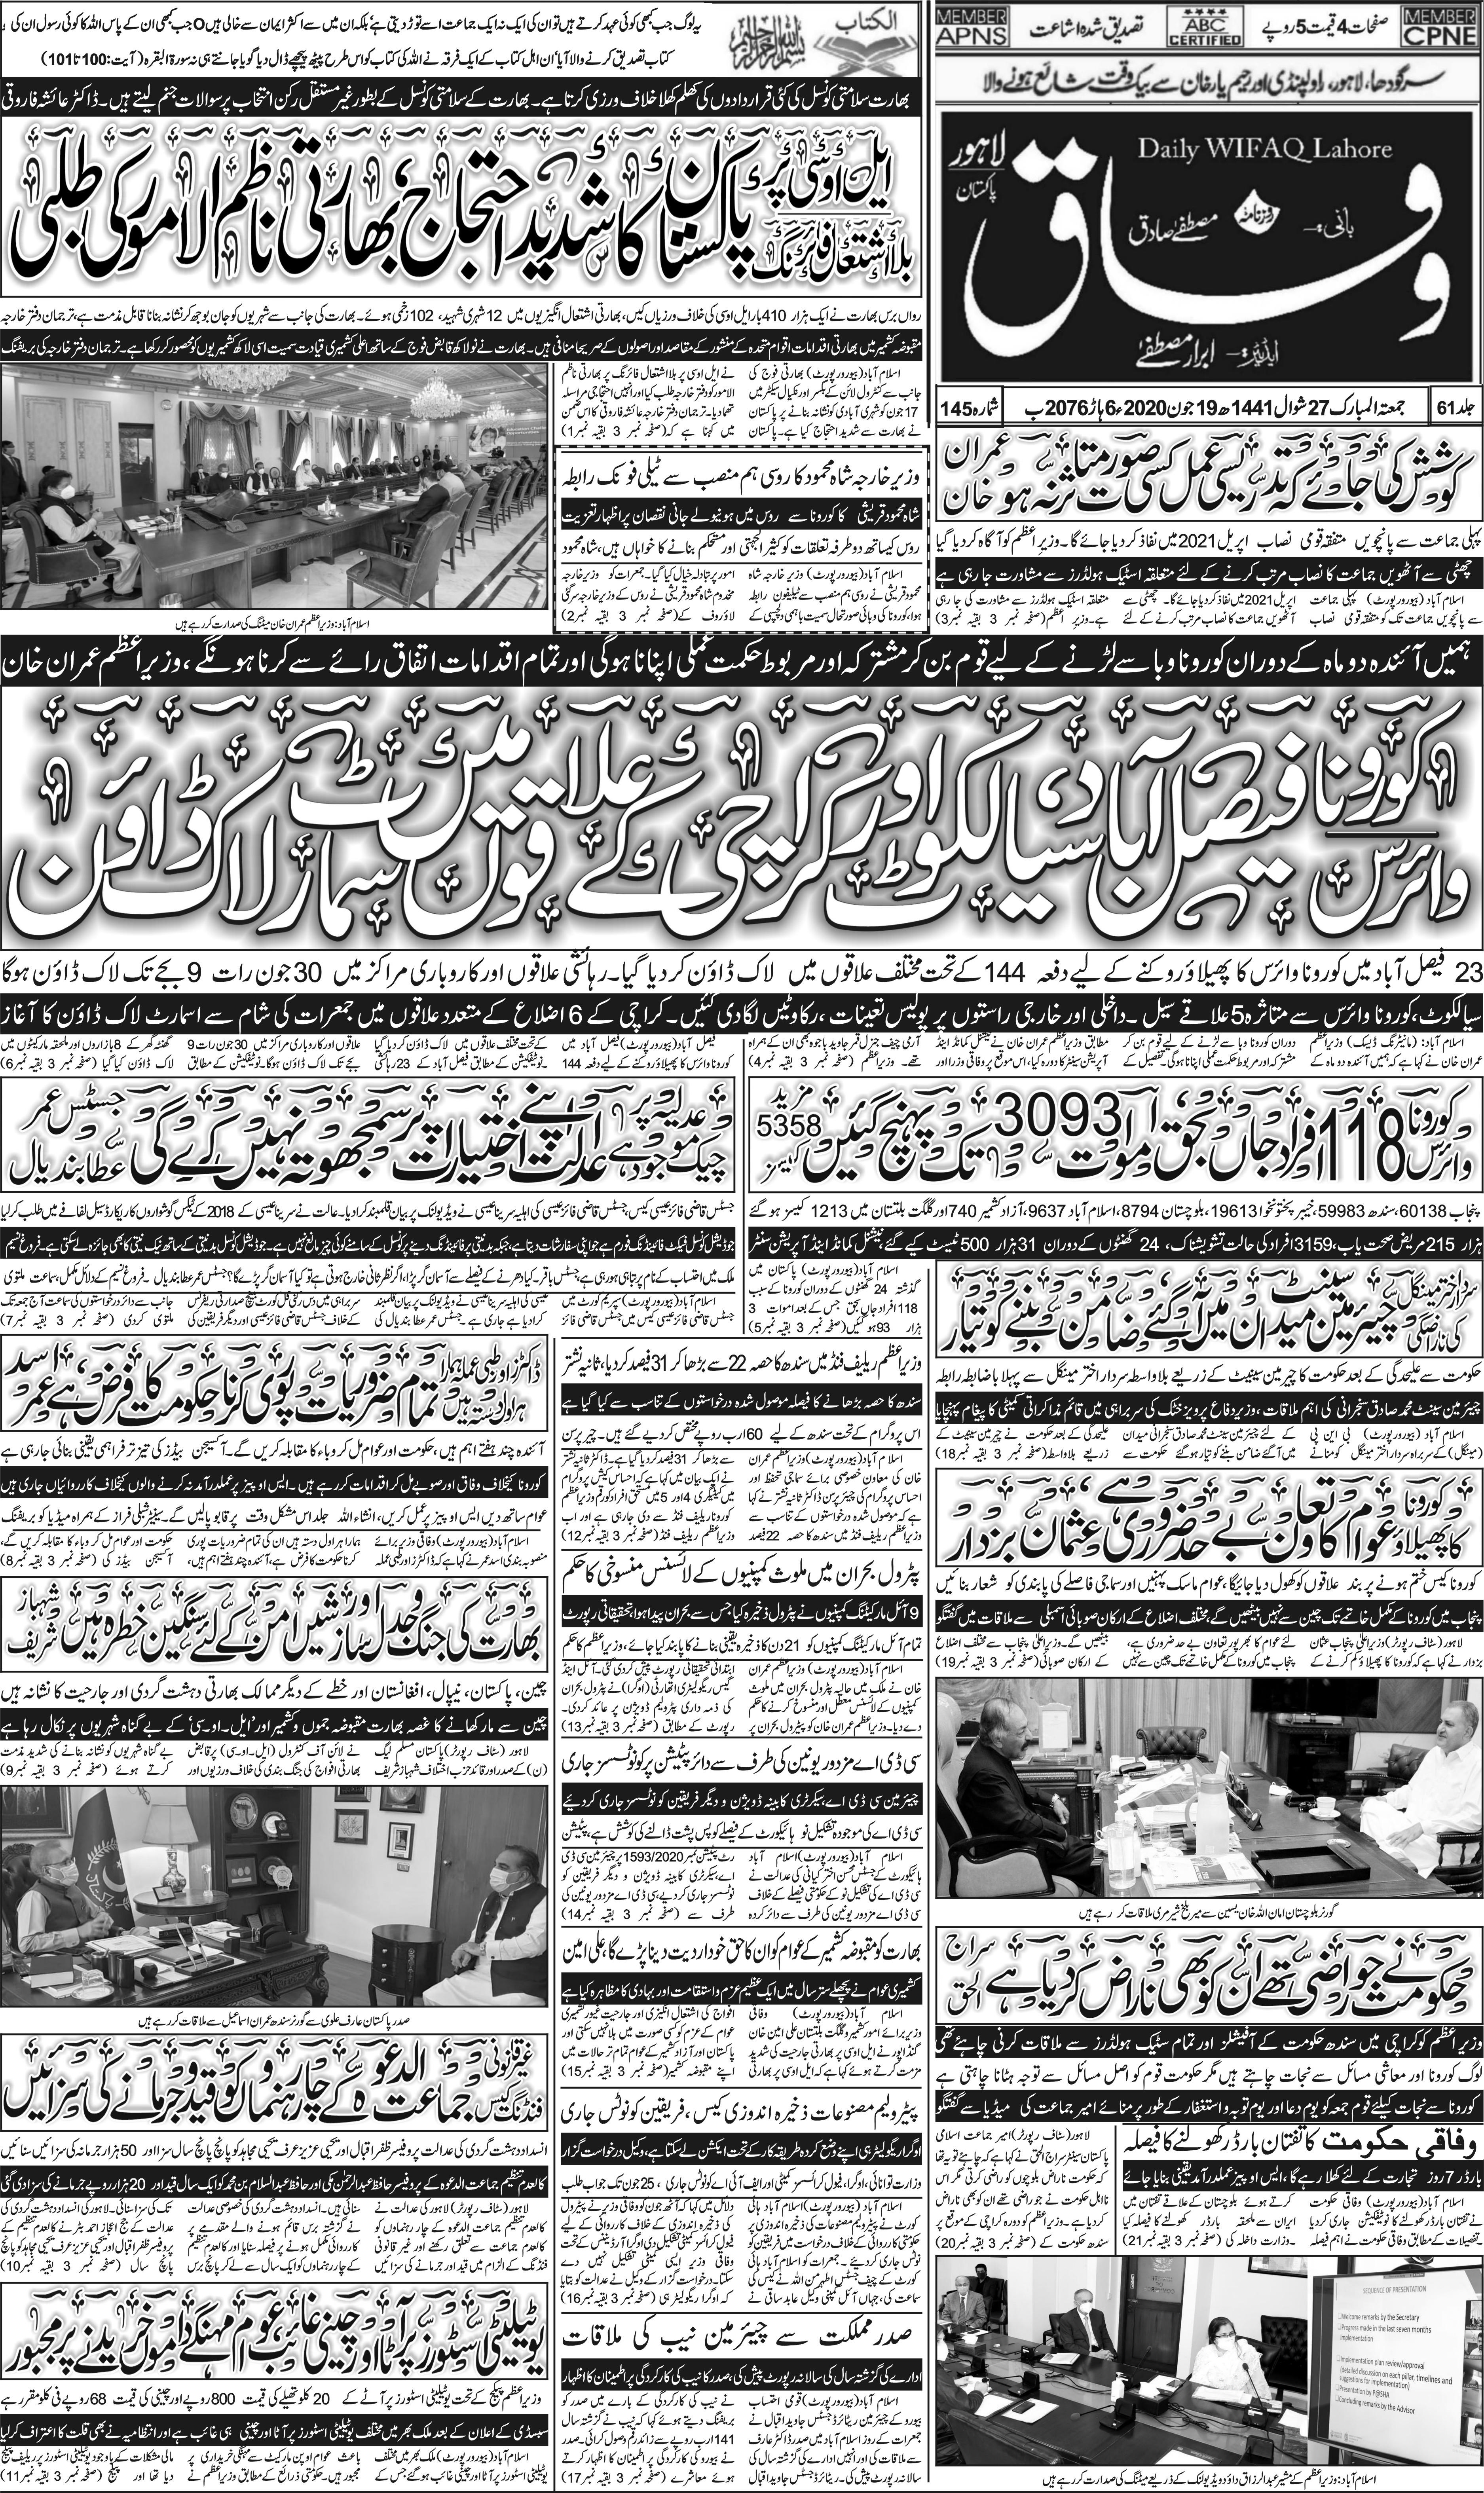 e-Paper – Daily Wifaq – 19-06-2020